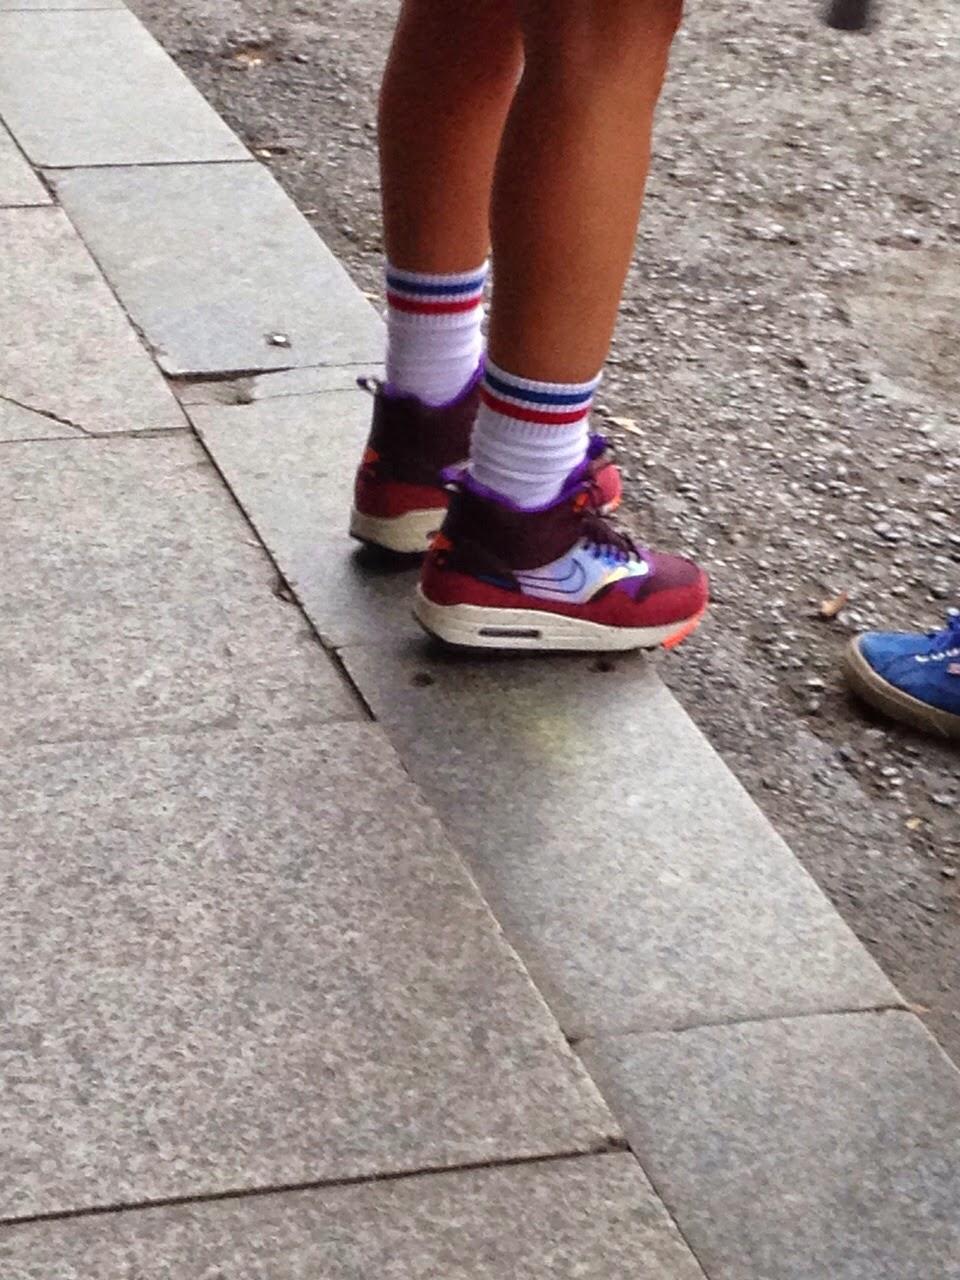 Artık çorapları çıkarmanıza gerek yok